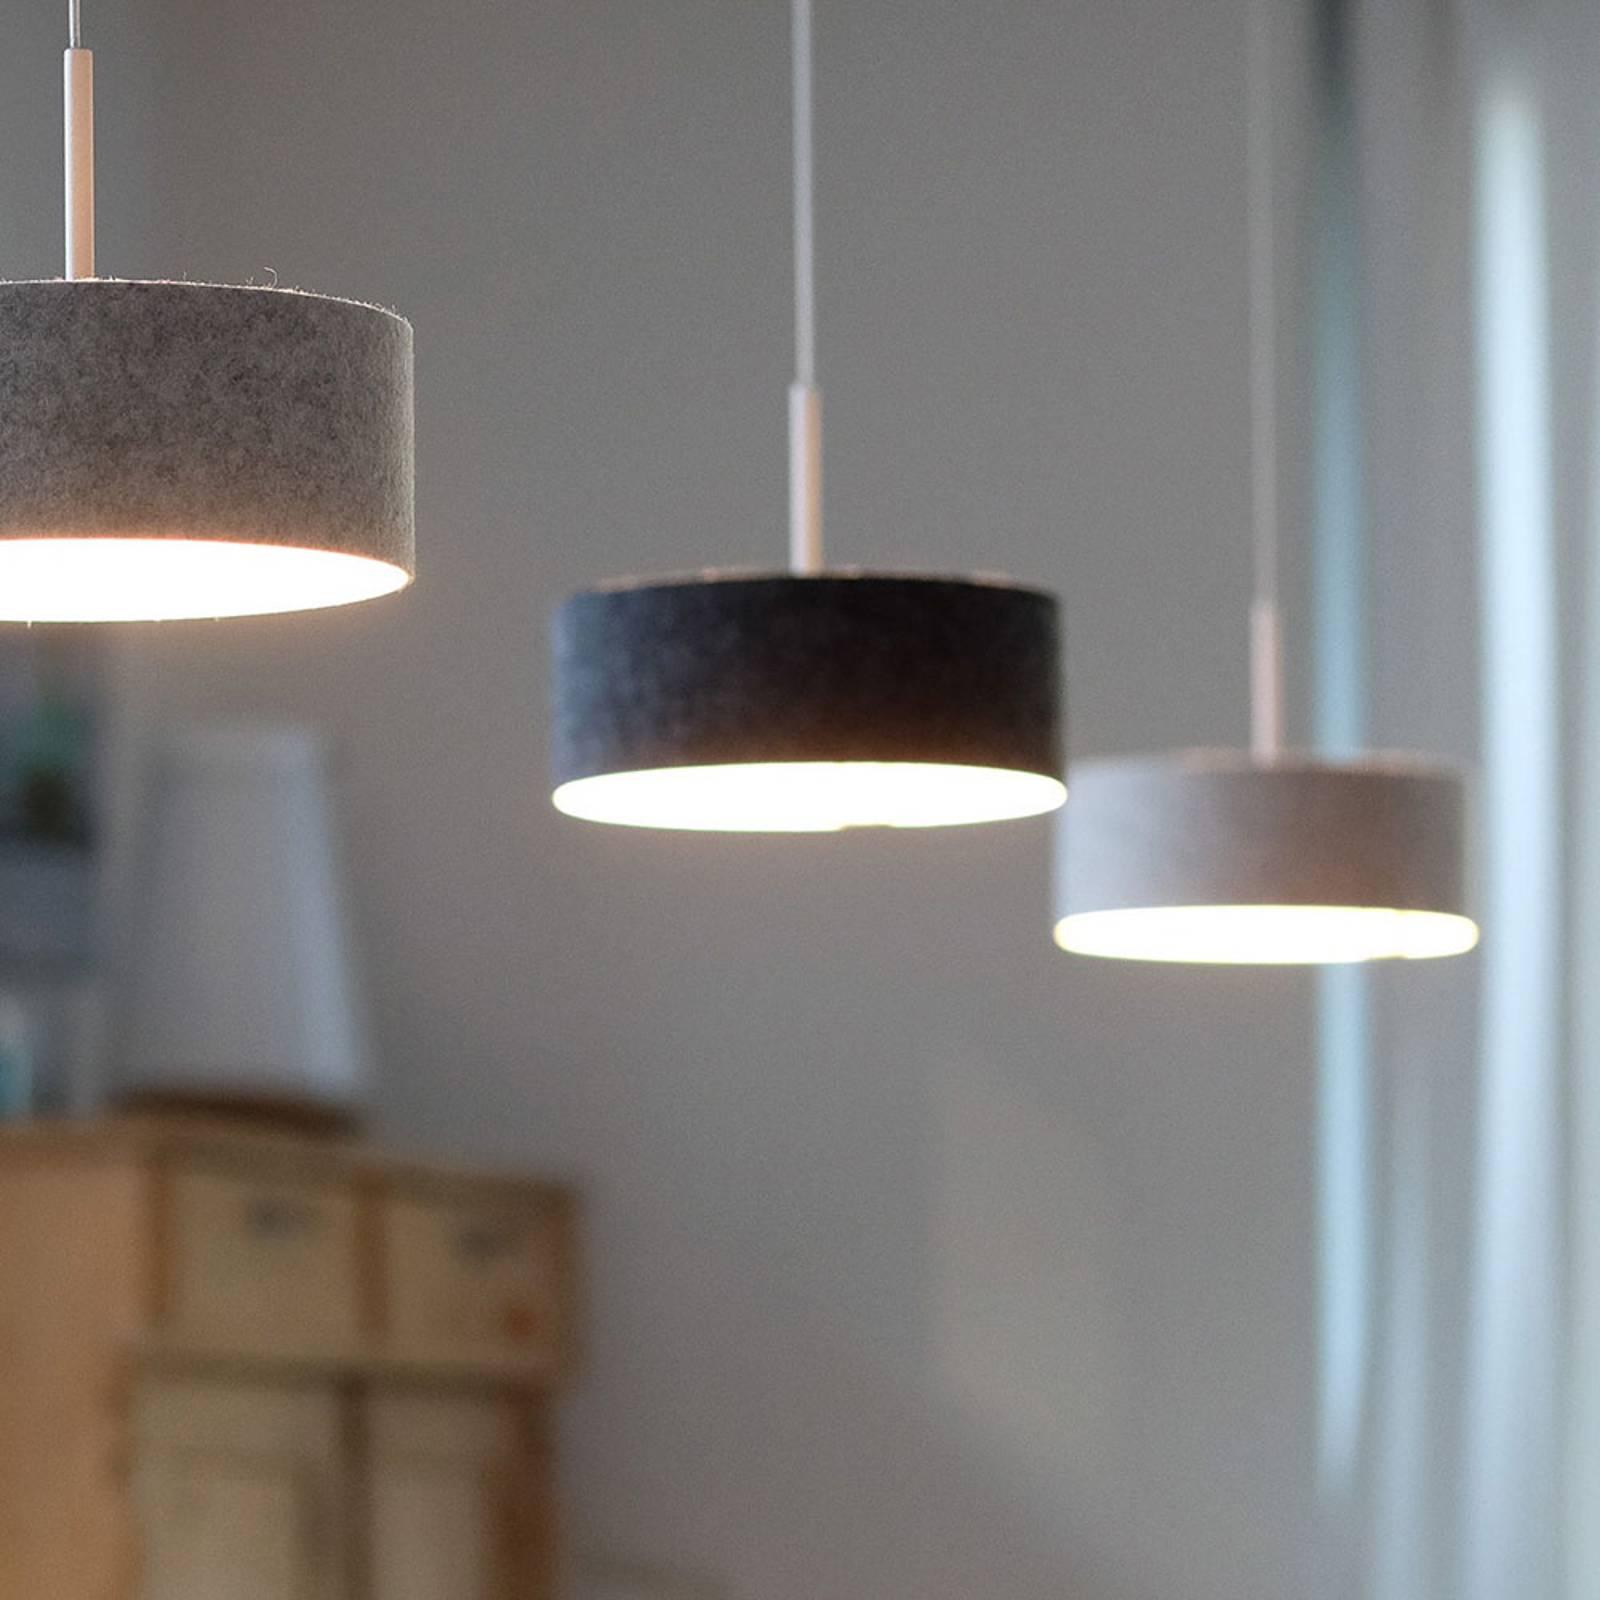 Suspension LED LARAfelt S, Ø20cm, graphite/blanc